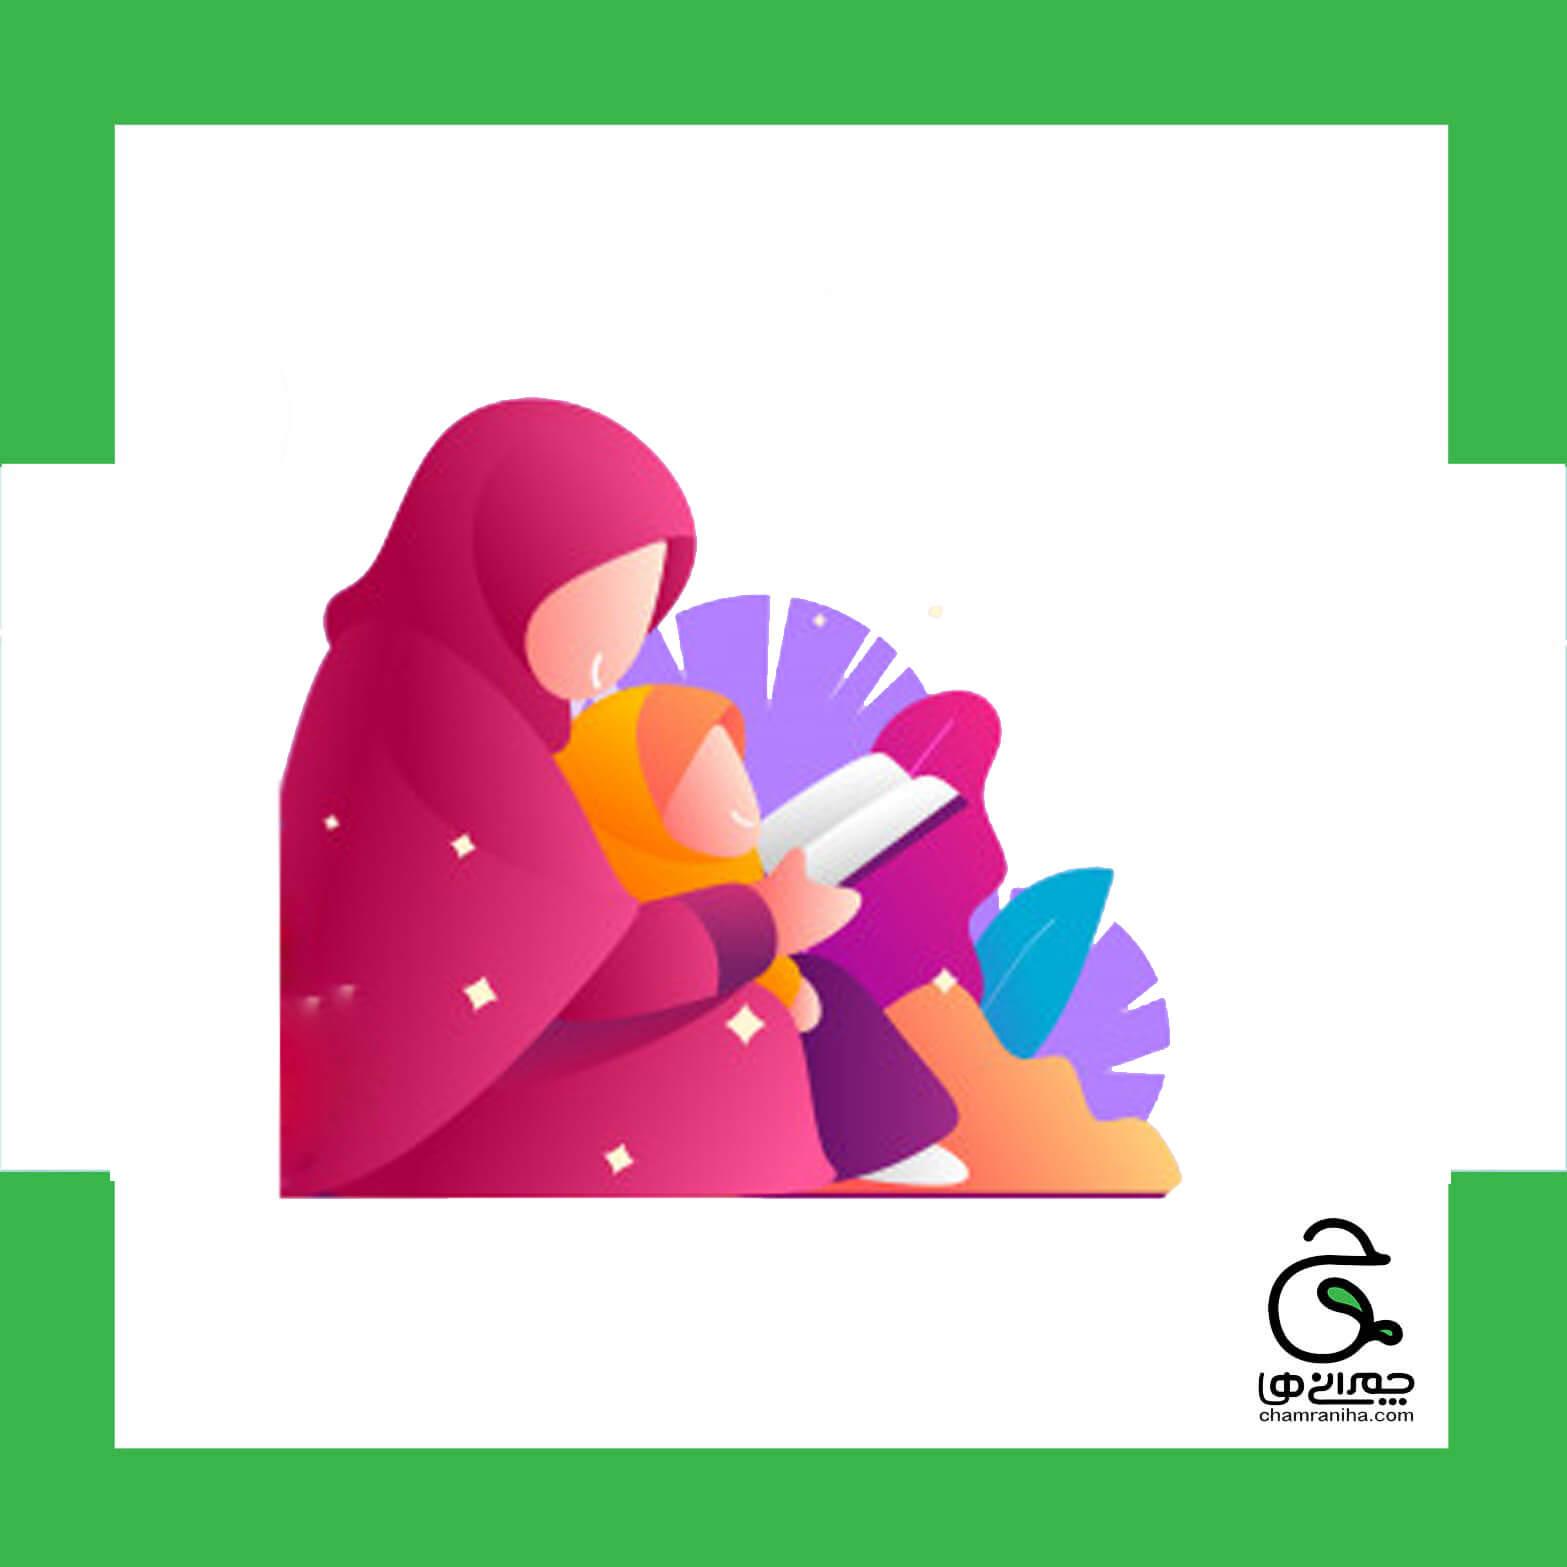 به قرآنِ بدون زندگی درست، بهاندازهی زندگی بدون قرآن حساس باشیم!